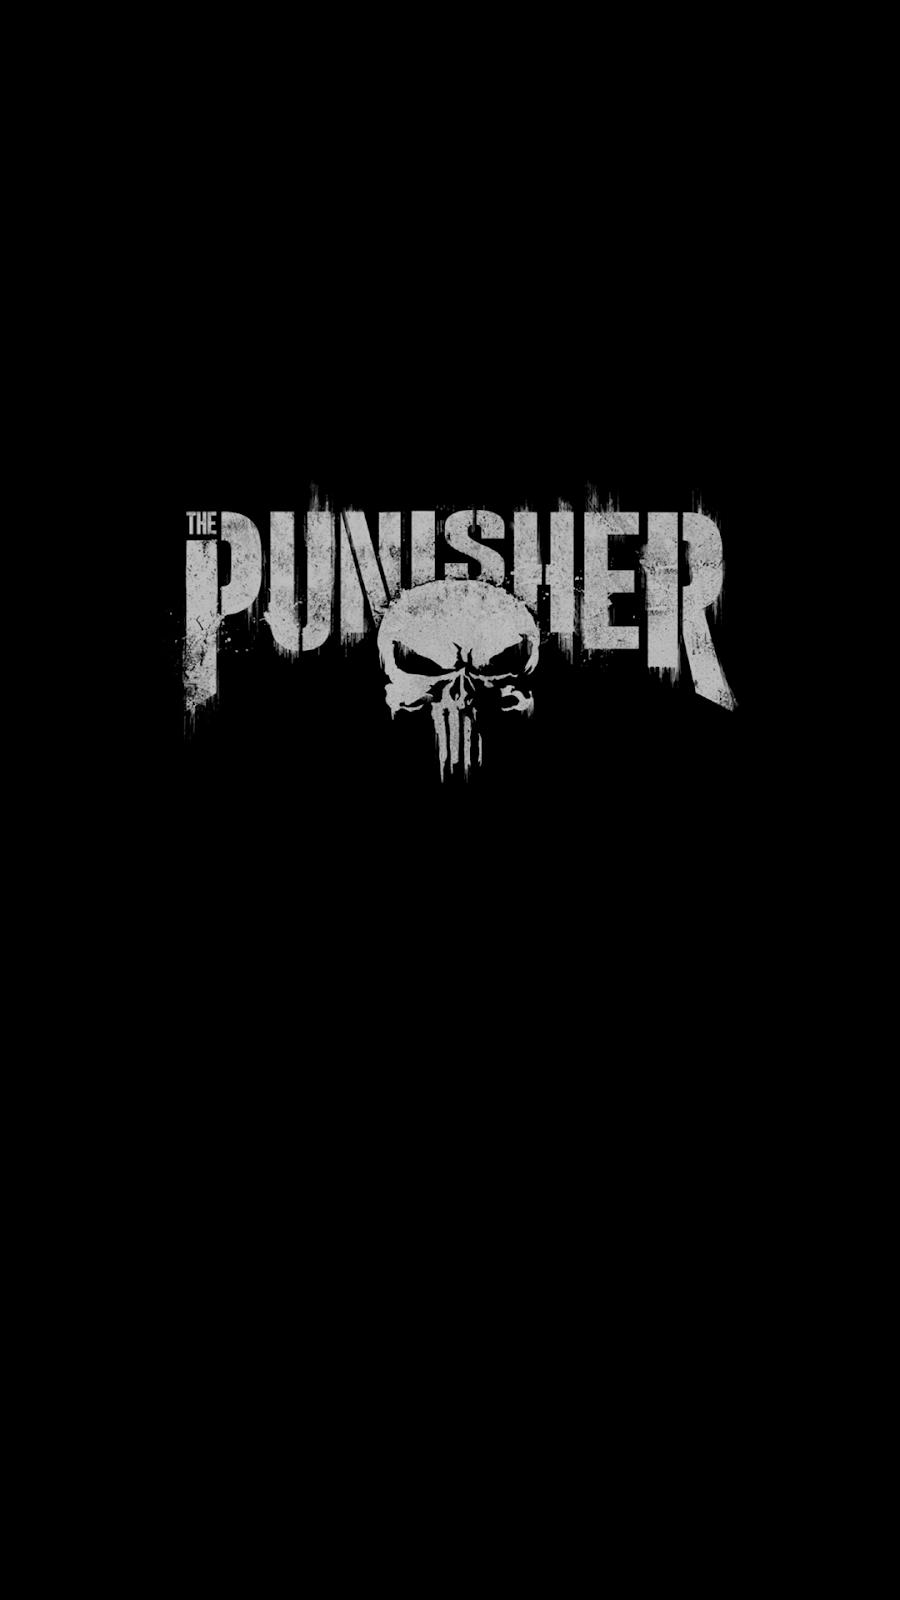 punisher logo oled wallpaper